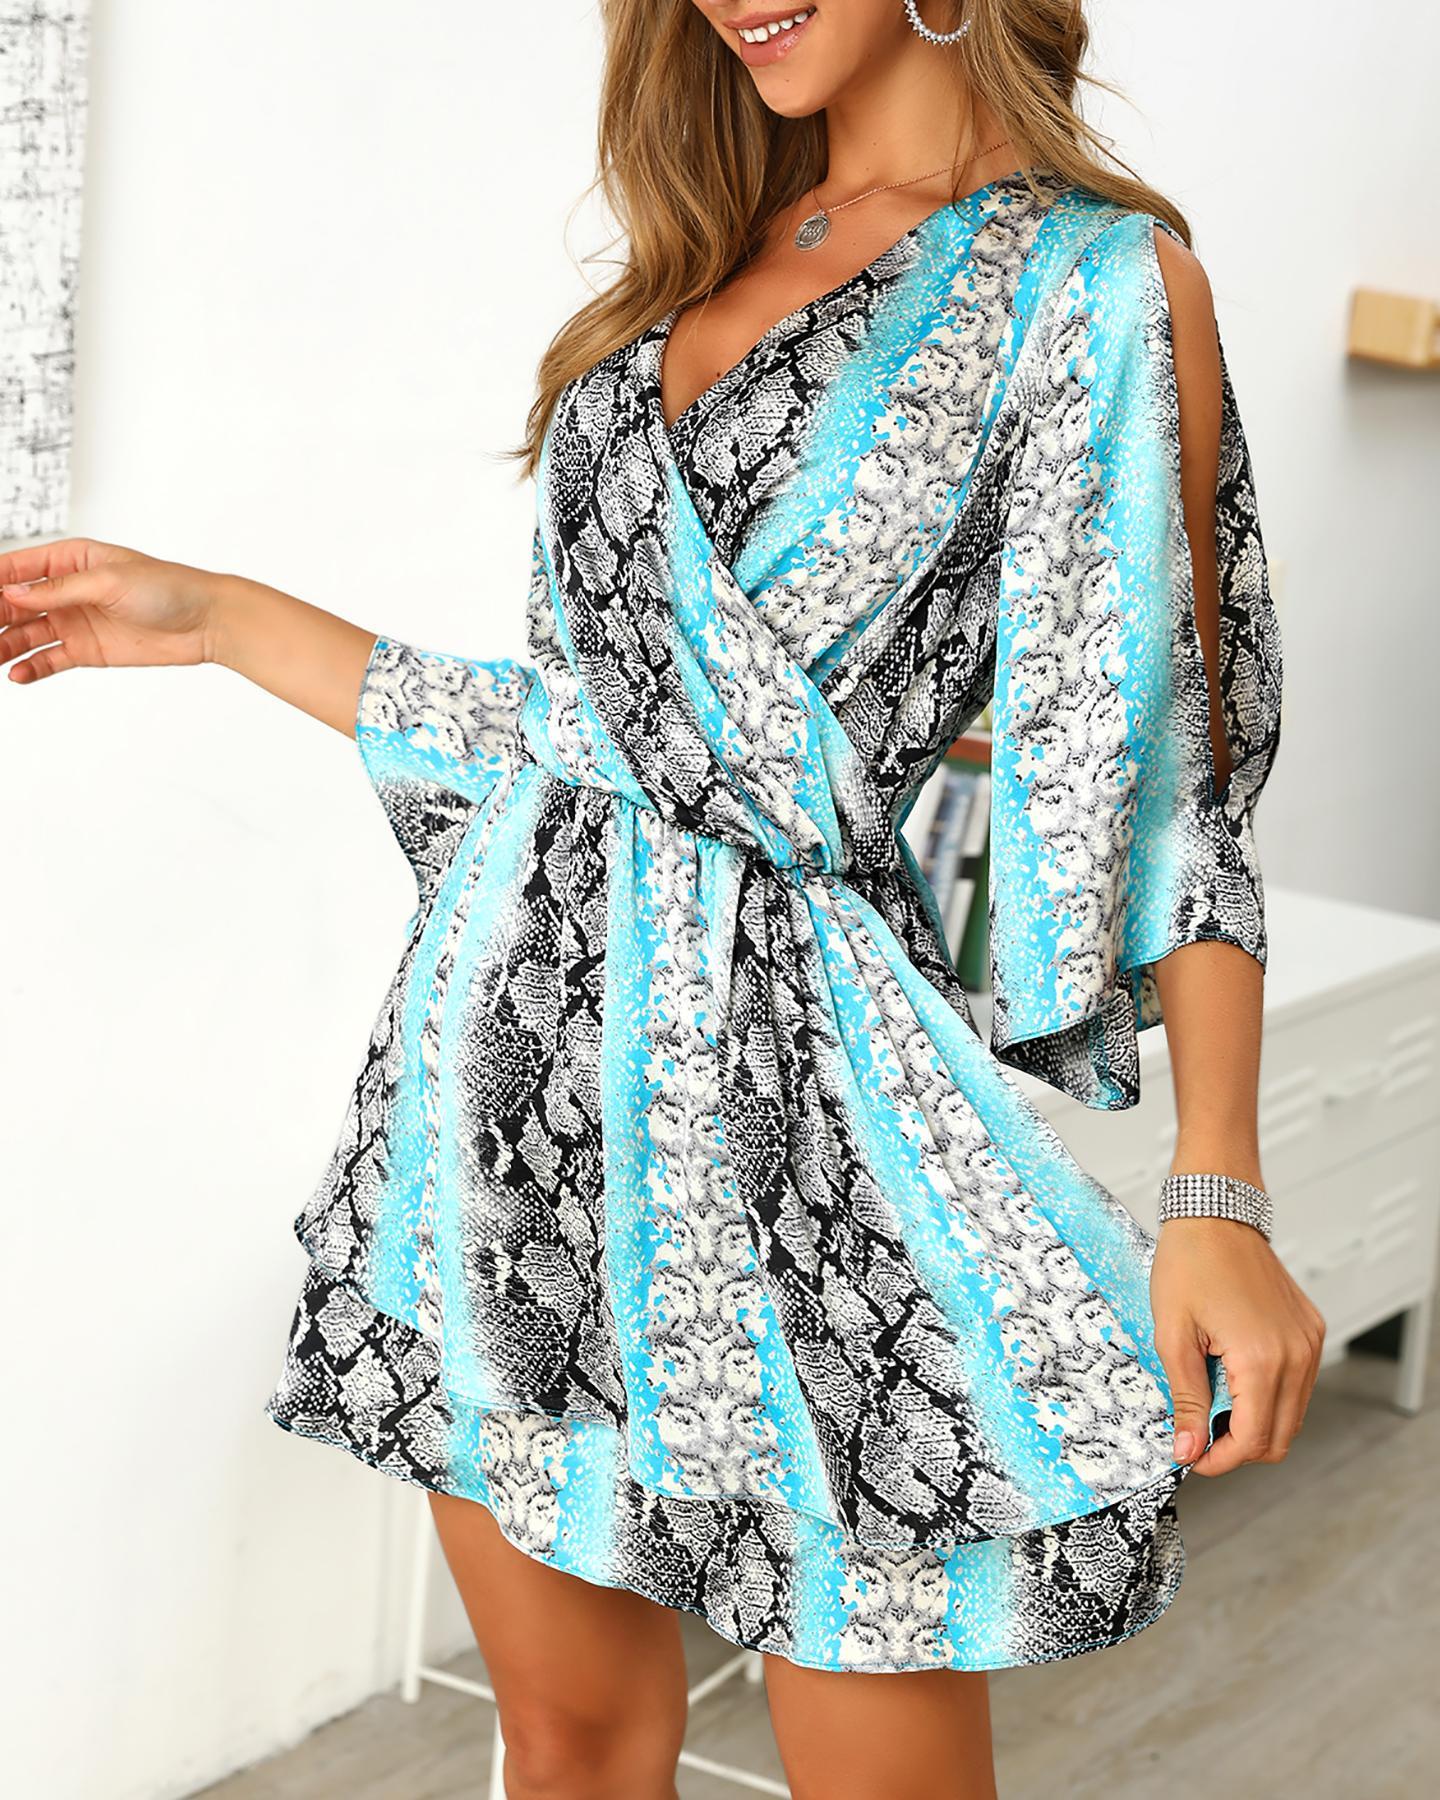 chicme / Snakeskin Leopard Print Insert Slit Sleeve Dress